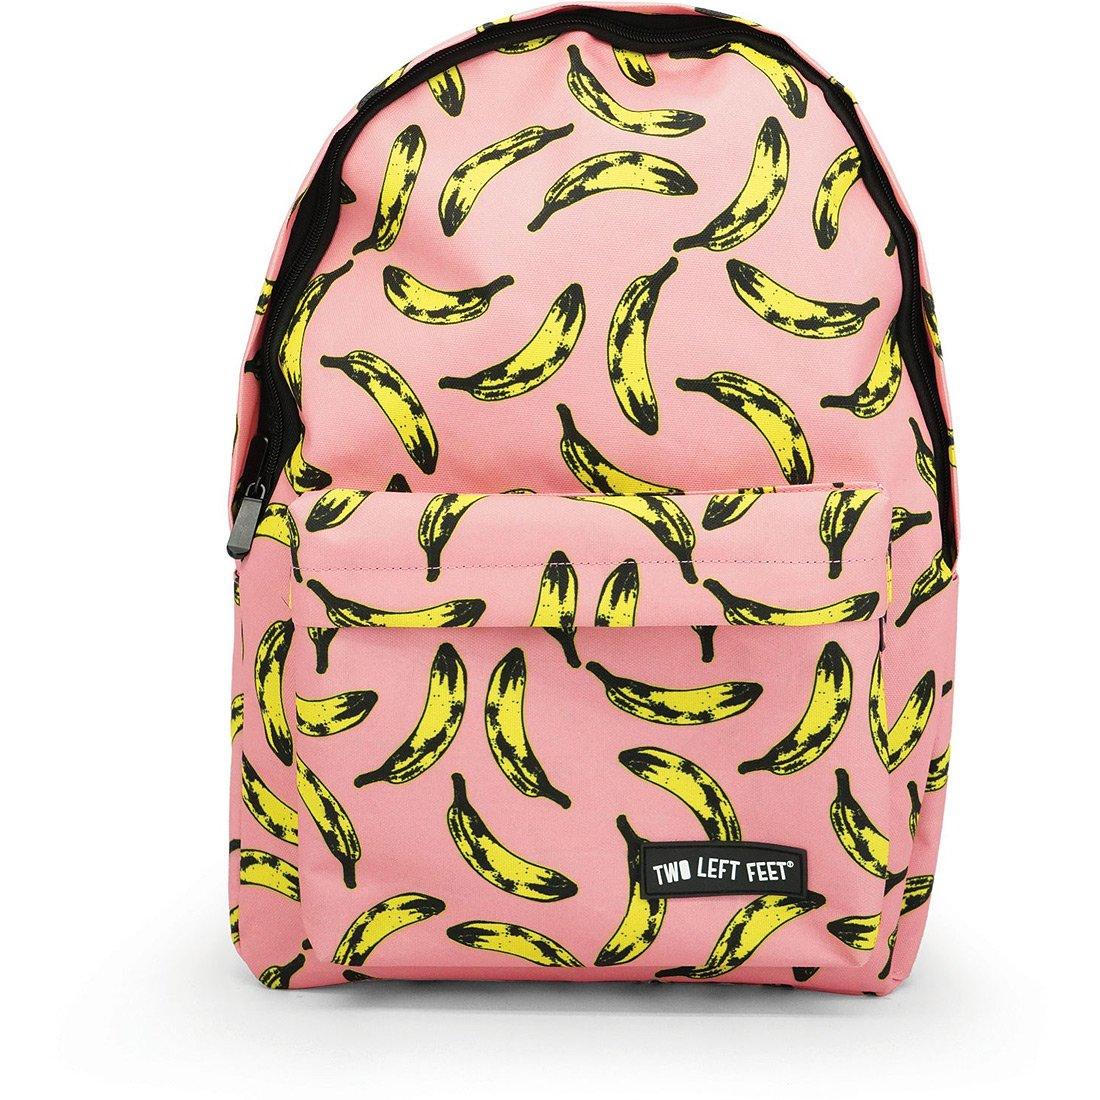 תיק גב אופנתי - Big Pack Backpack - two left feet